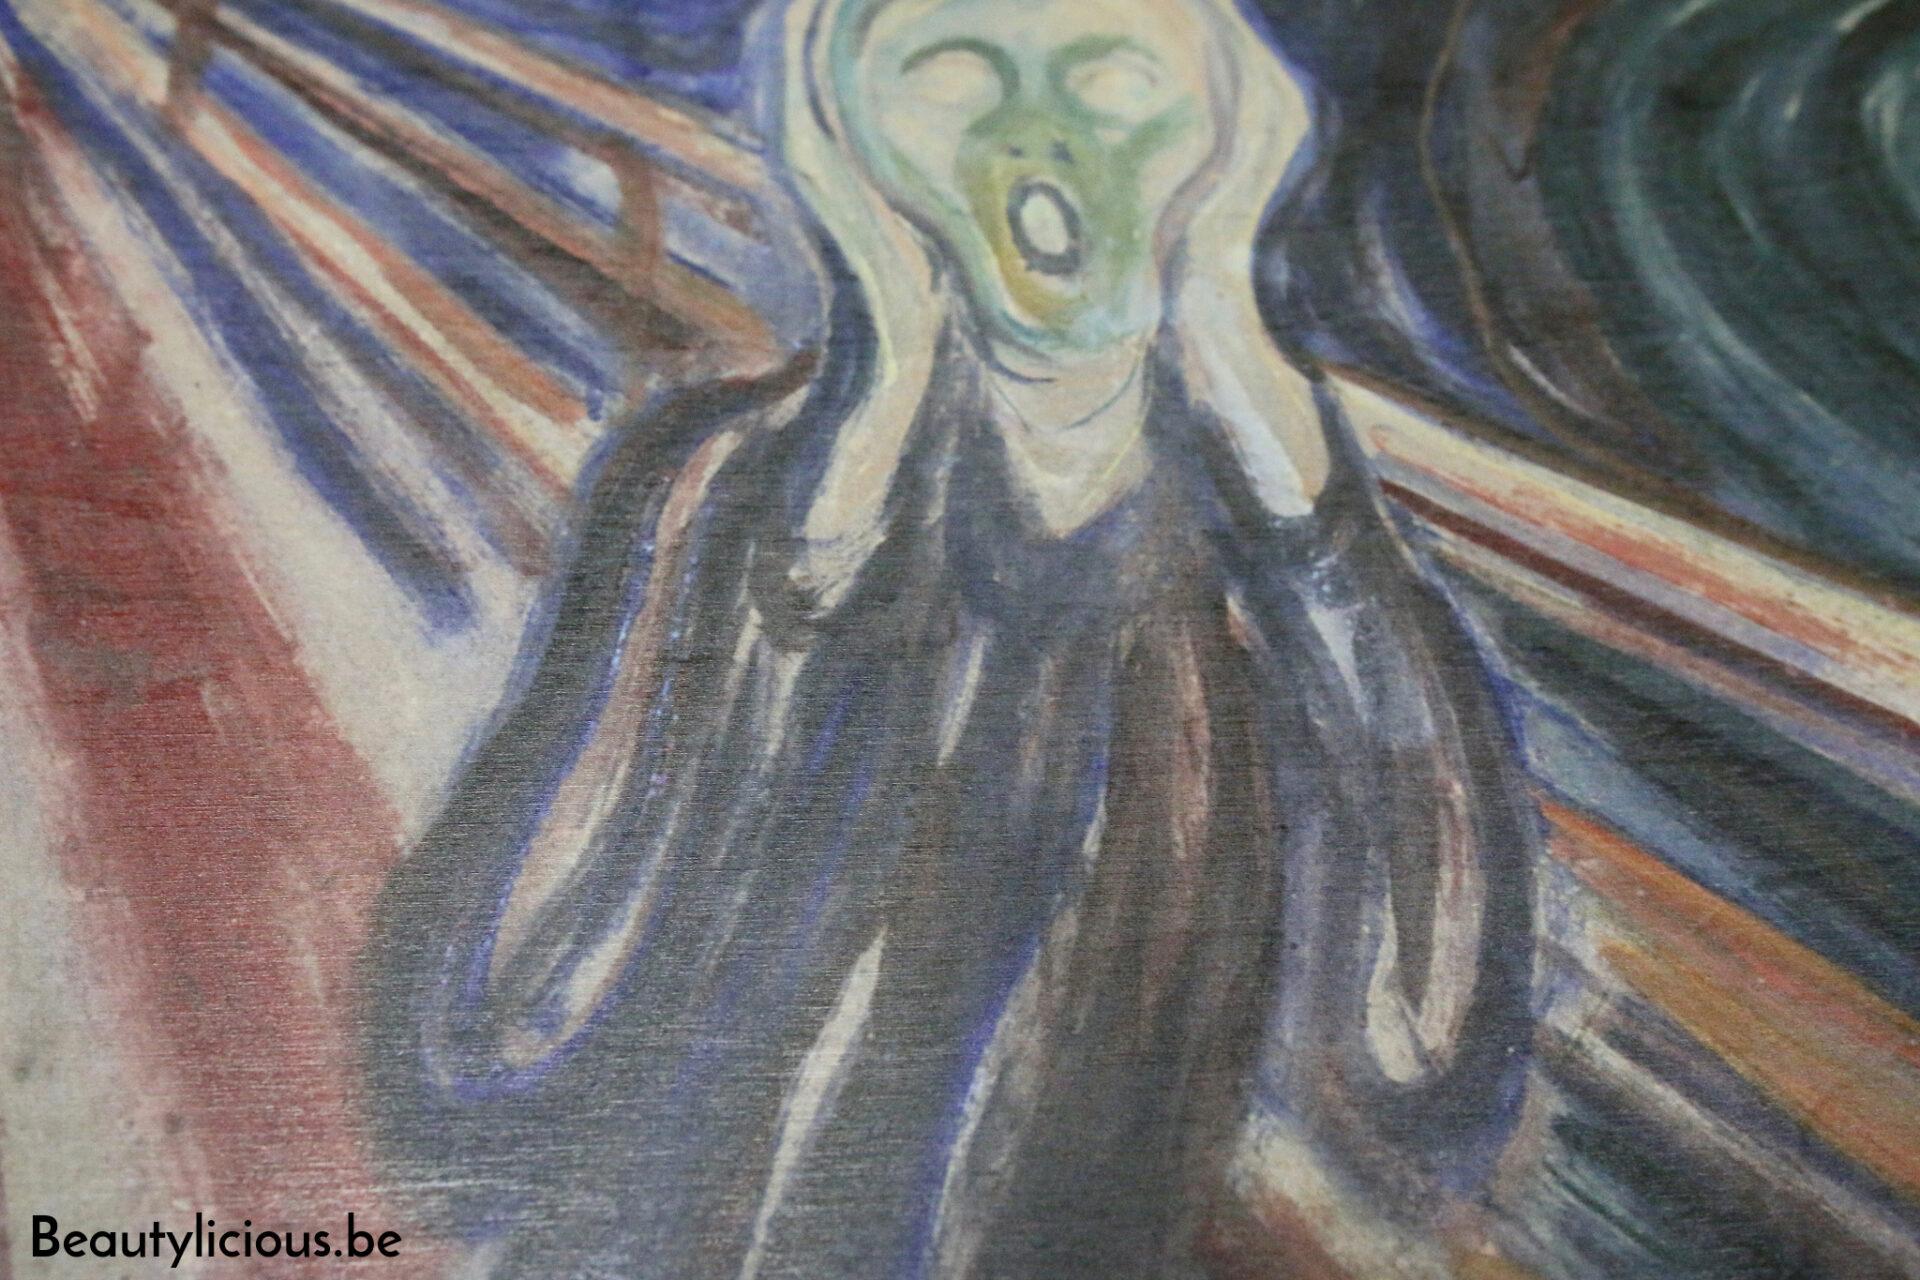 Détail de la peinture sur bois Le Cri de Munch de Posterlounge